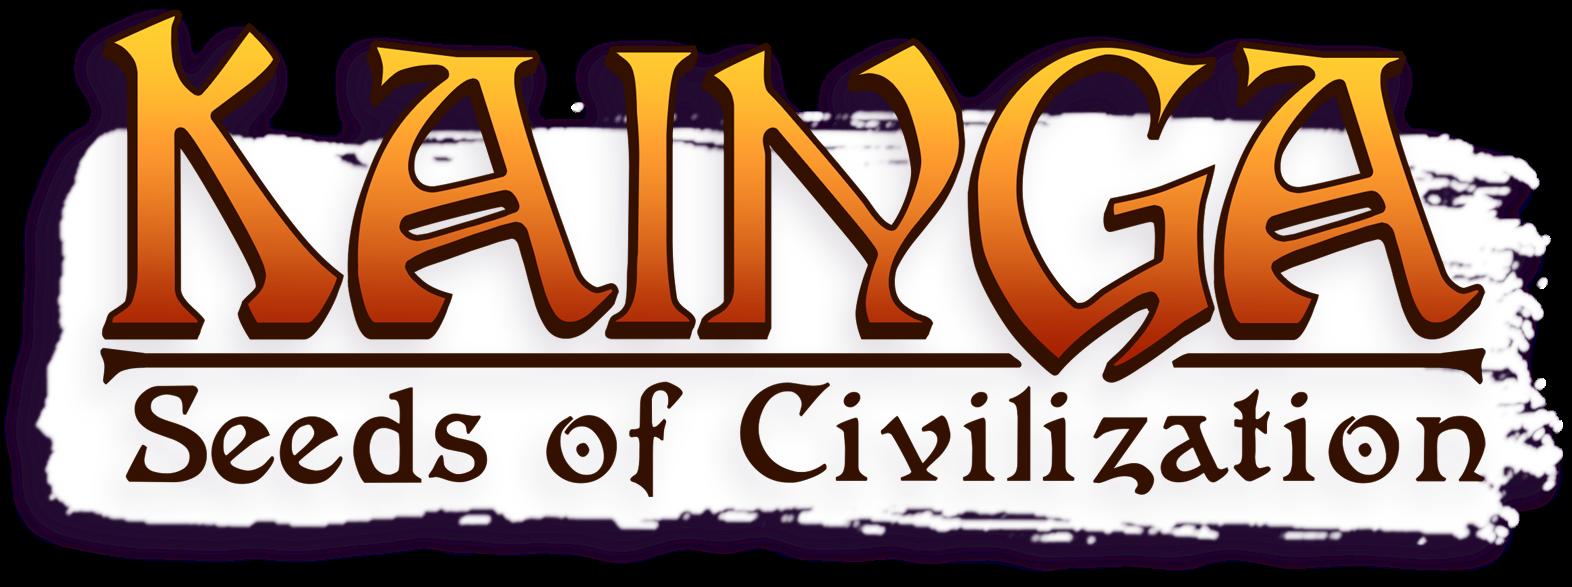 Benvenuto a Kainga: Seeds of Civilization , un costruttore di villaggi rogueliti ambientato in un mondo pieno di mistero e sorpresa.